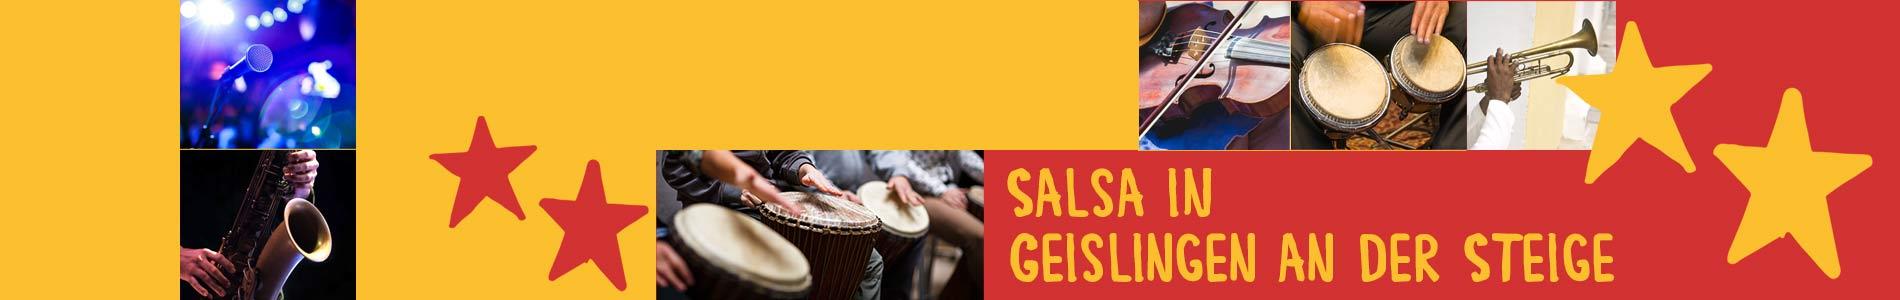 Salsa in Geislingen an der Steige – Salsa lernen und tanzen, Tanzkurse, Partys, Veranstaltungen